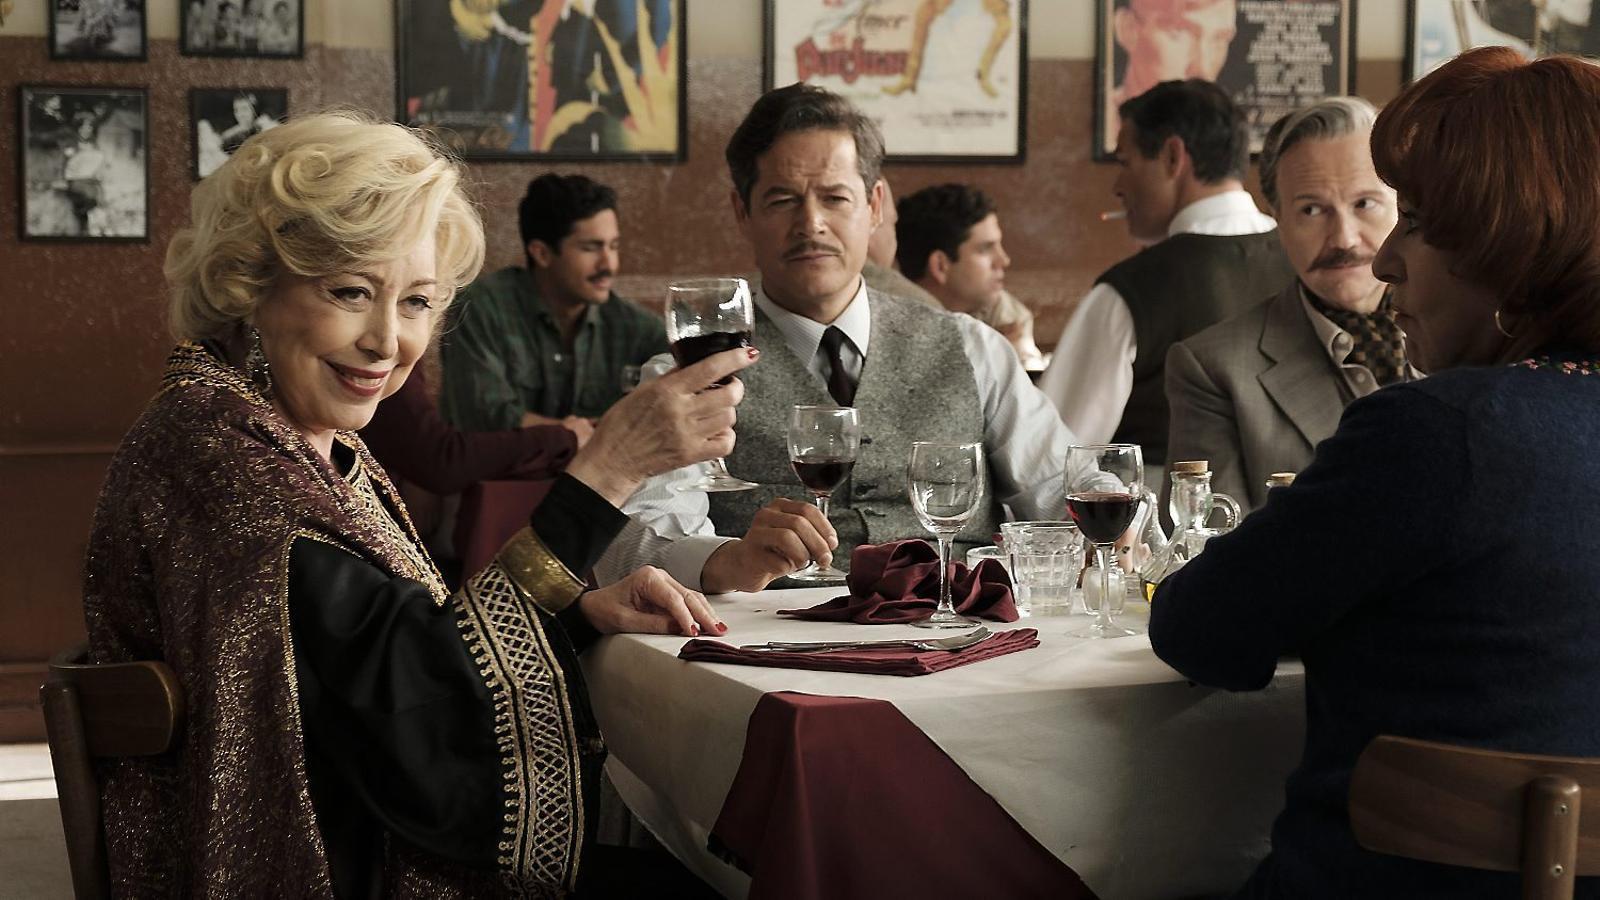 """Rosa Maria Sardà: """"No estic orgullosa de res. Em veig i penso: «Aquesta actriu no m'agrada»"""""""